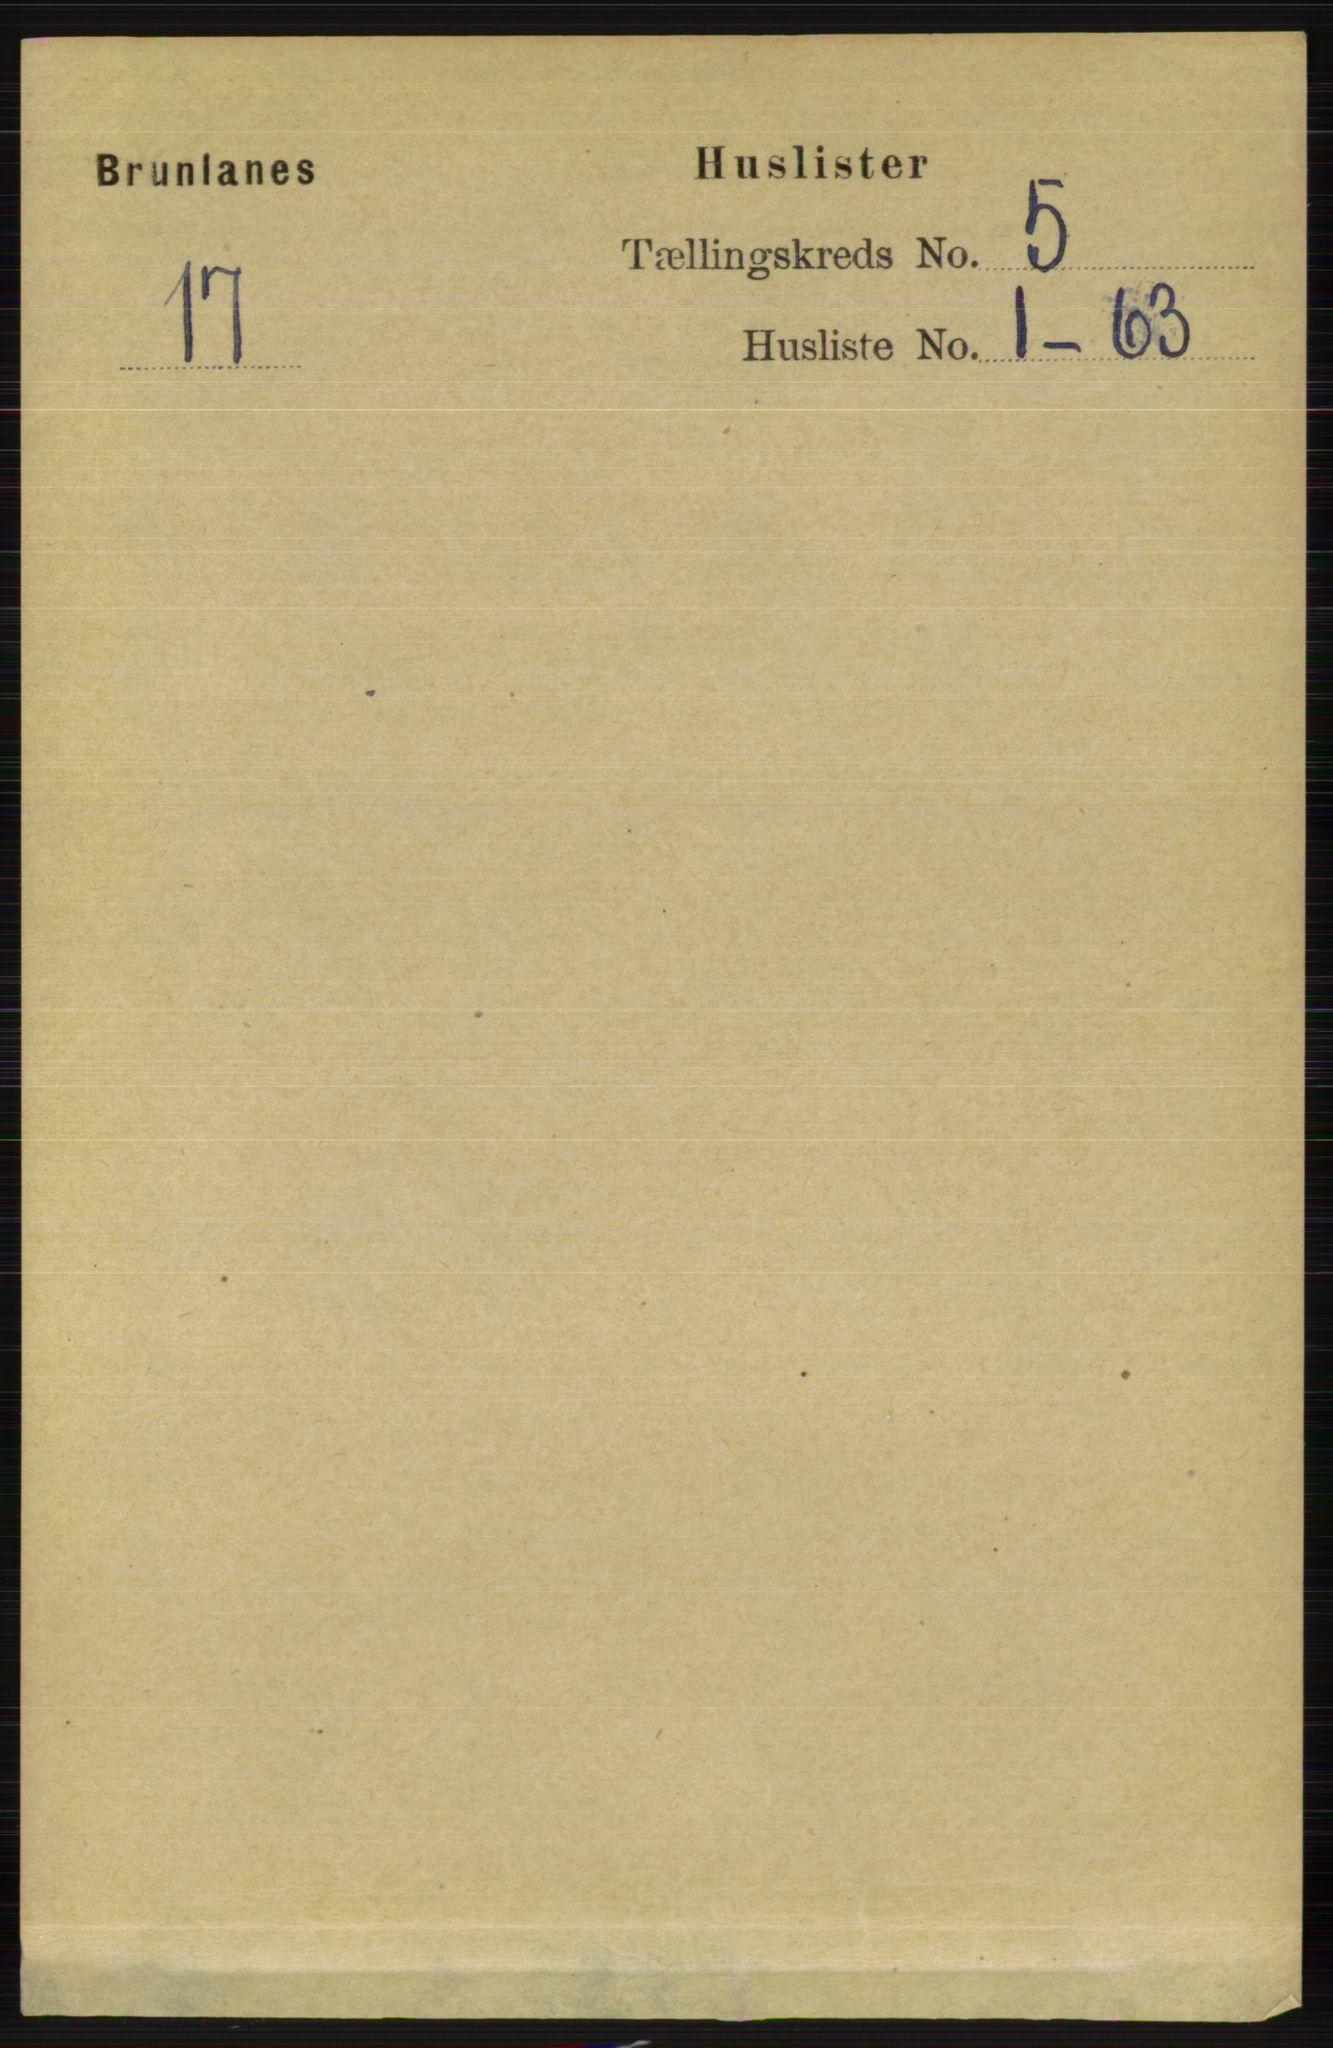 RA, Folketelling 1891 for 0726 Brunlanes herred, 1891, s. 2165